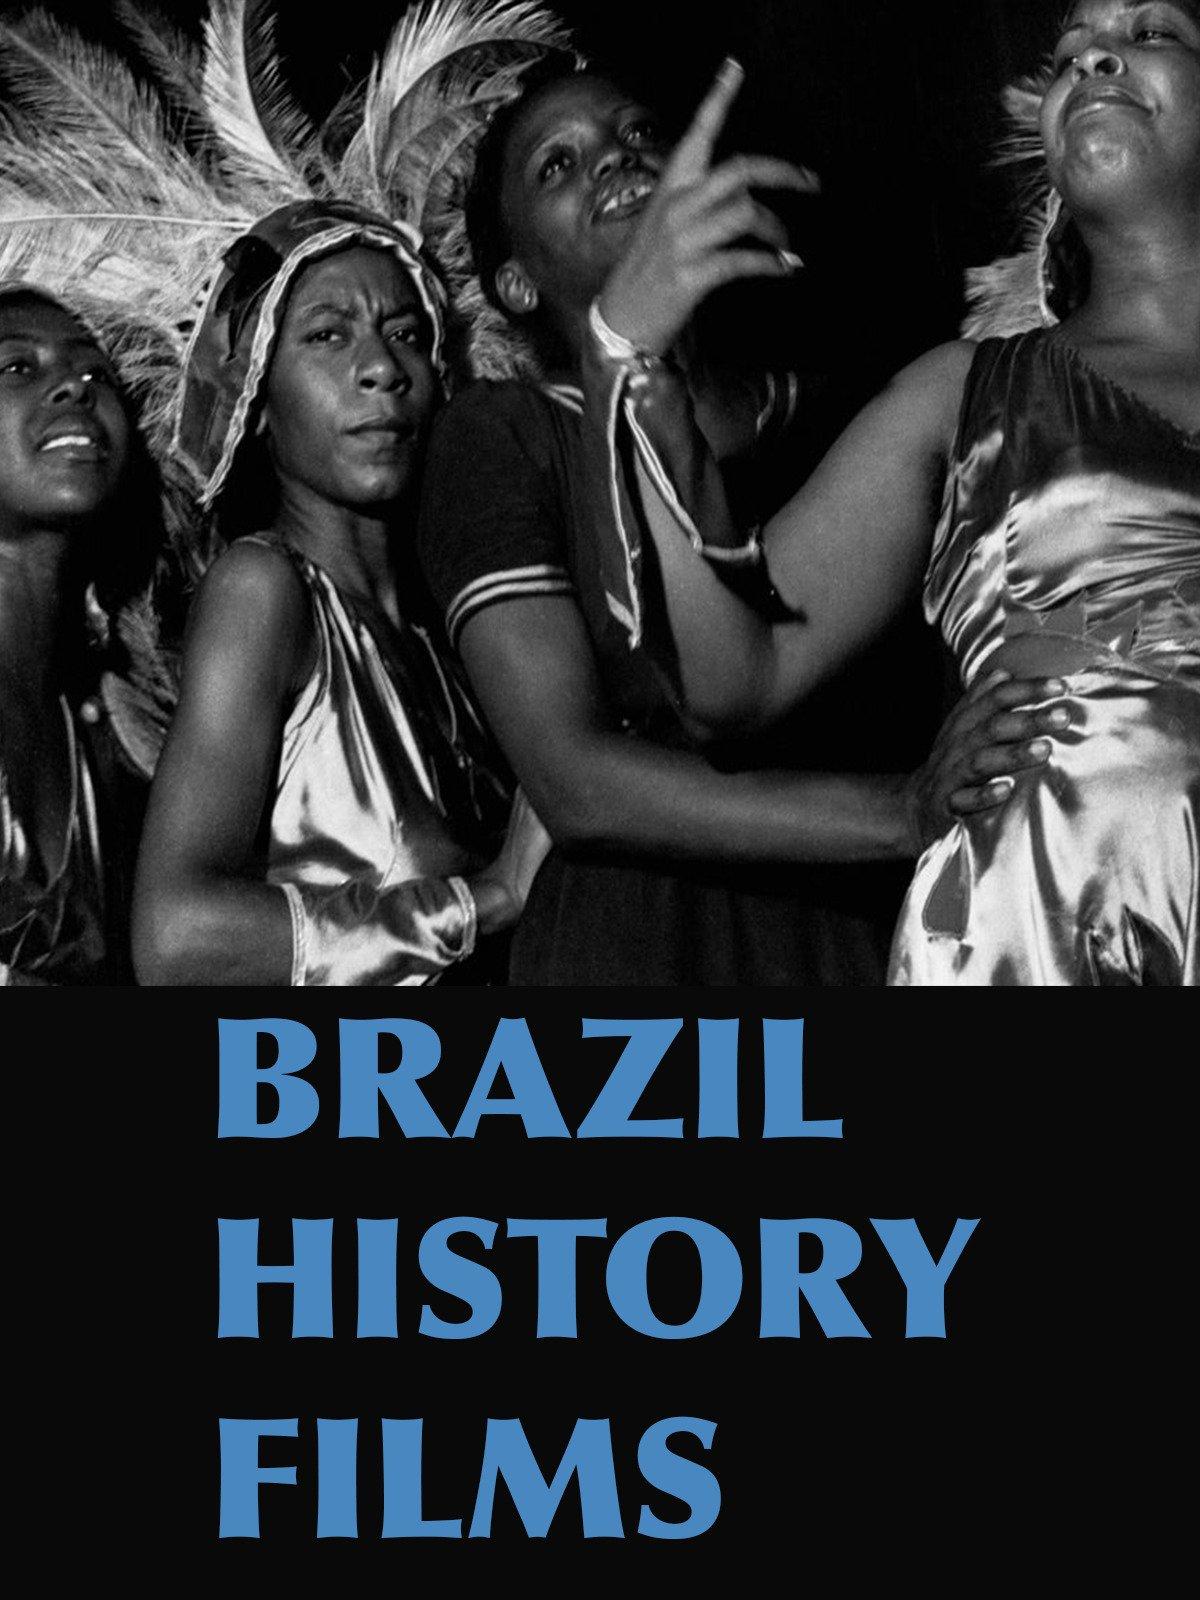 Brazil History Films